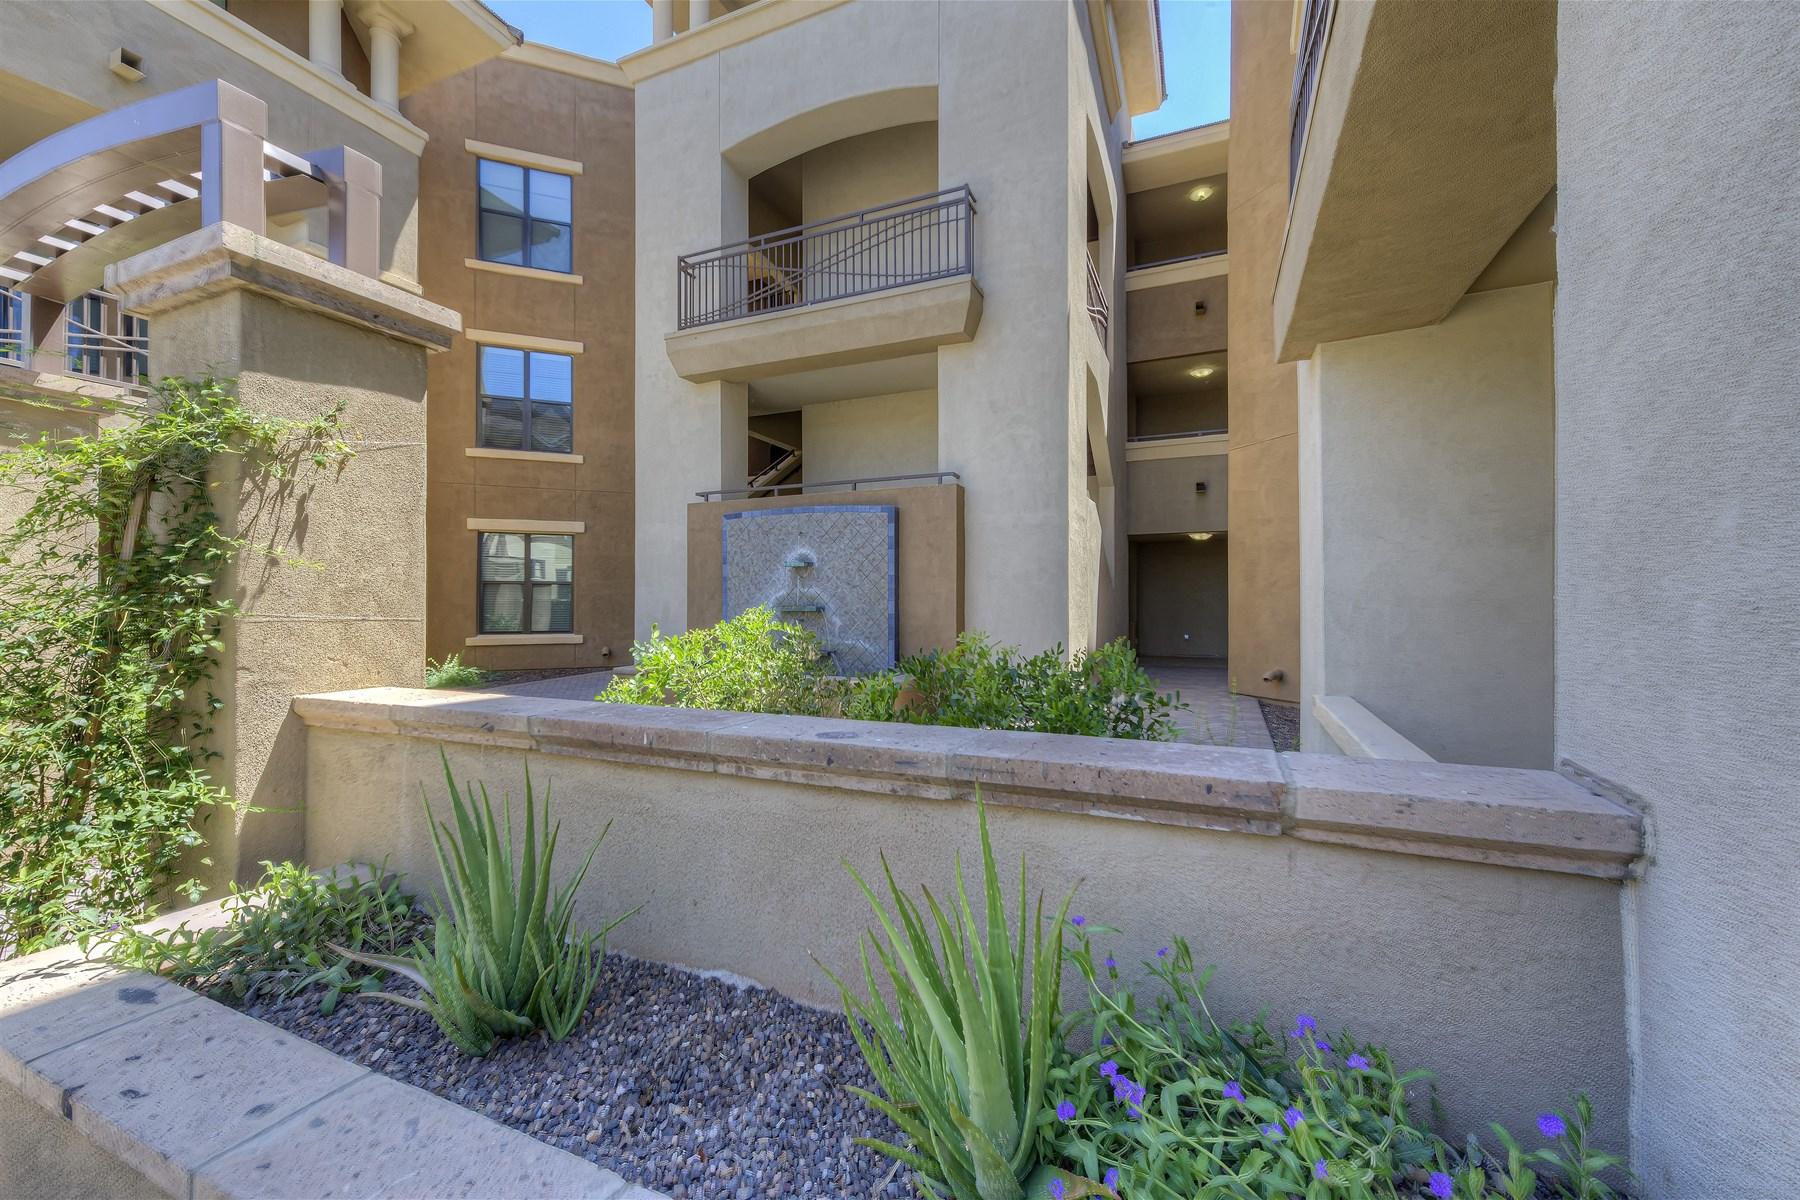 アパート のために 売買 アット Wonderful Condo in Corriente. 7601 E Indian Bend RD 2013 Scottsdale, アリゾナ 85250 アメリカ合衆国